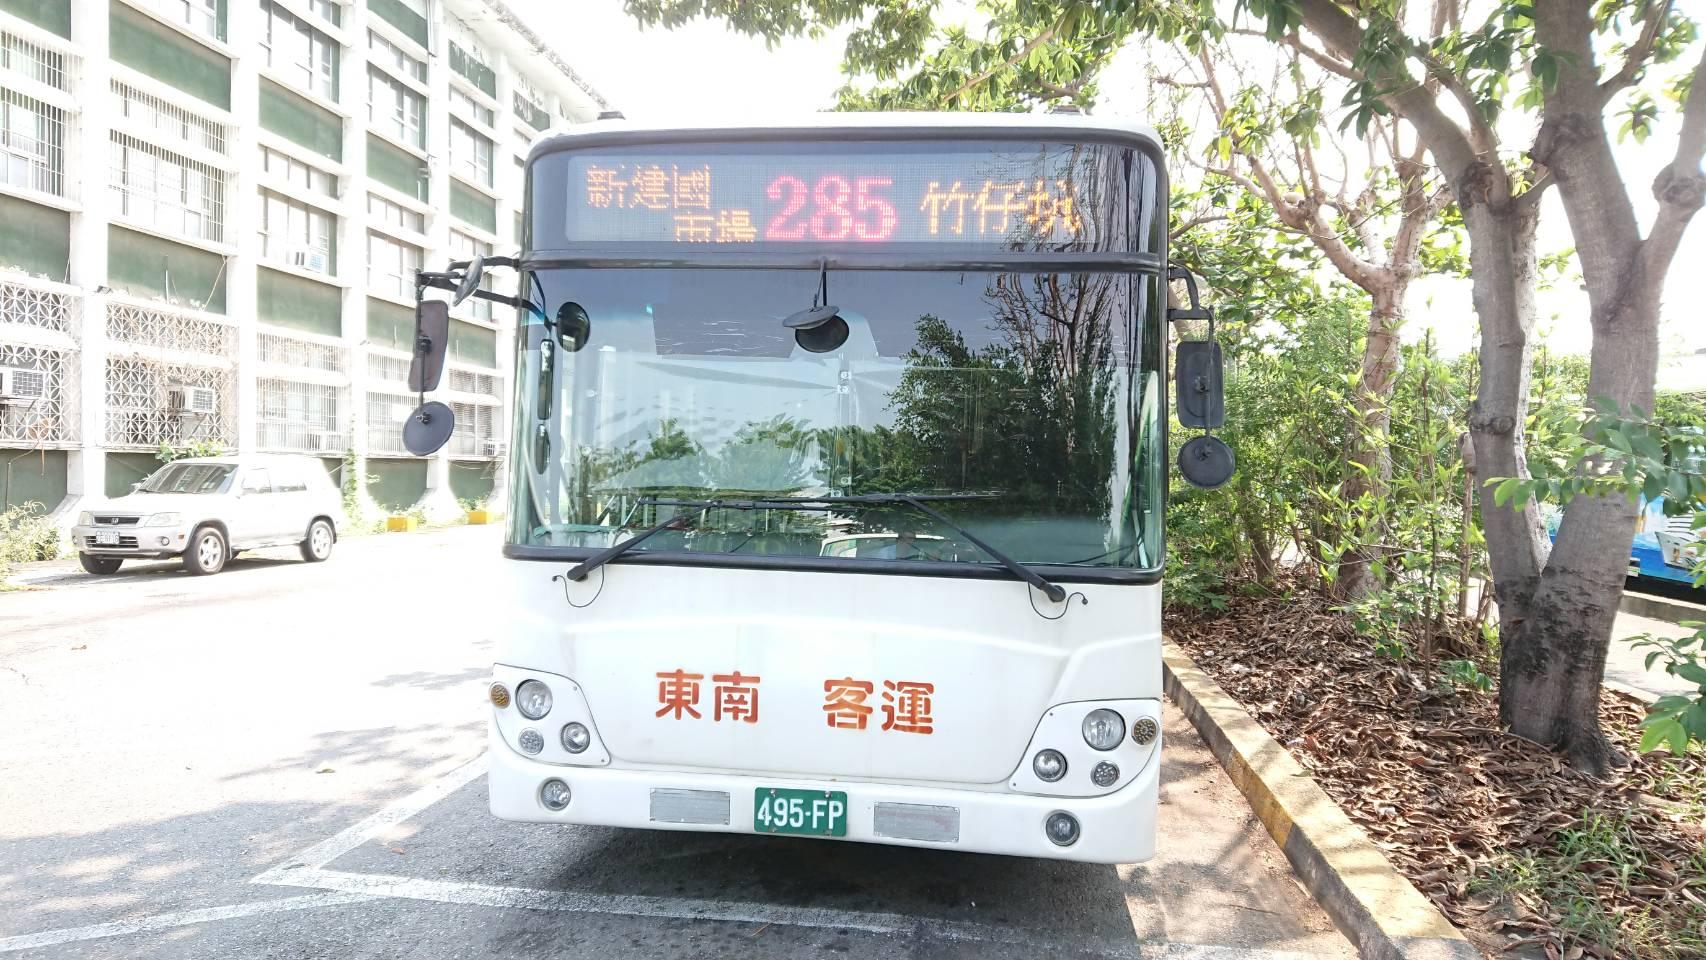 屯區至新建國市場 「285路」公車增班並擴大路線範圍